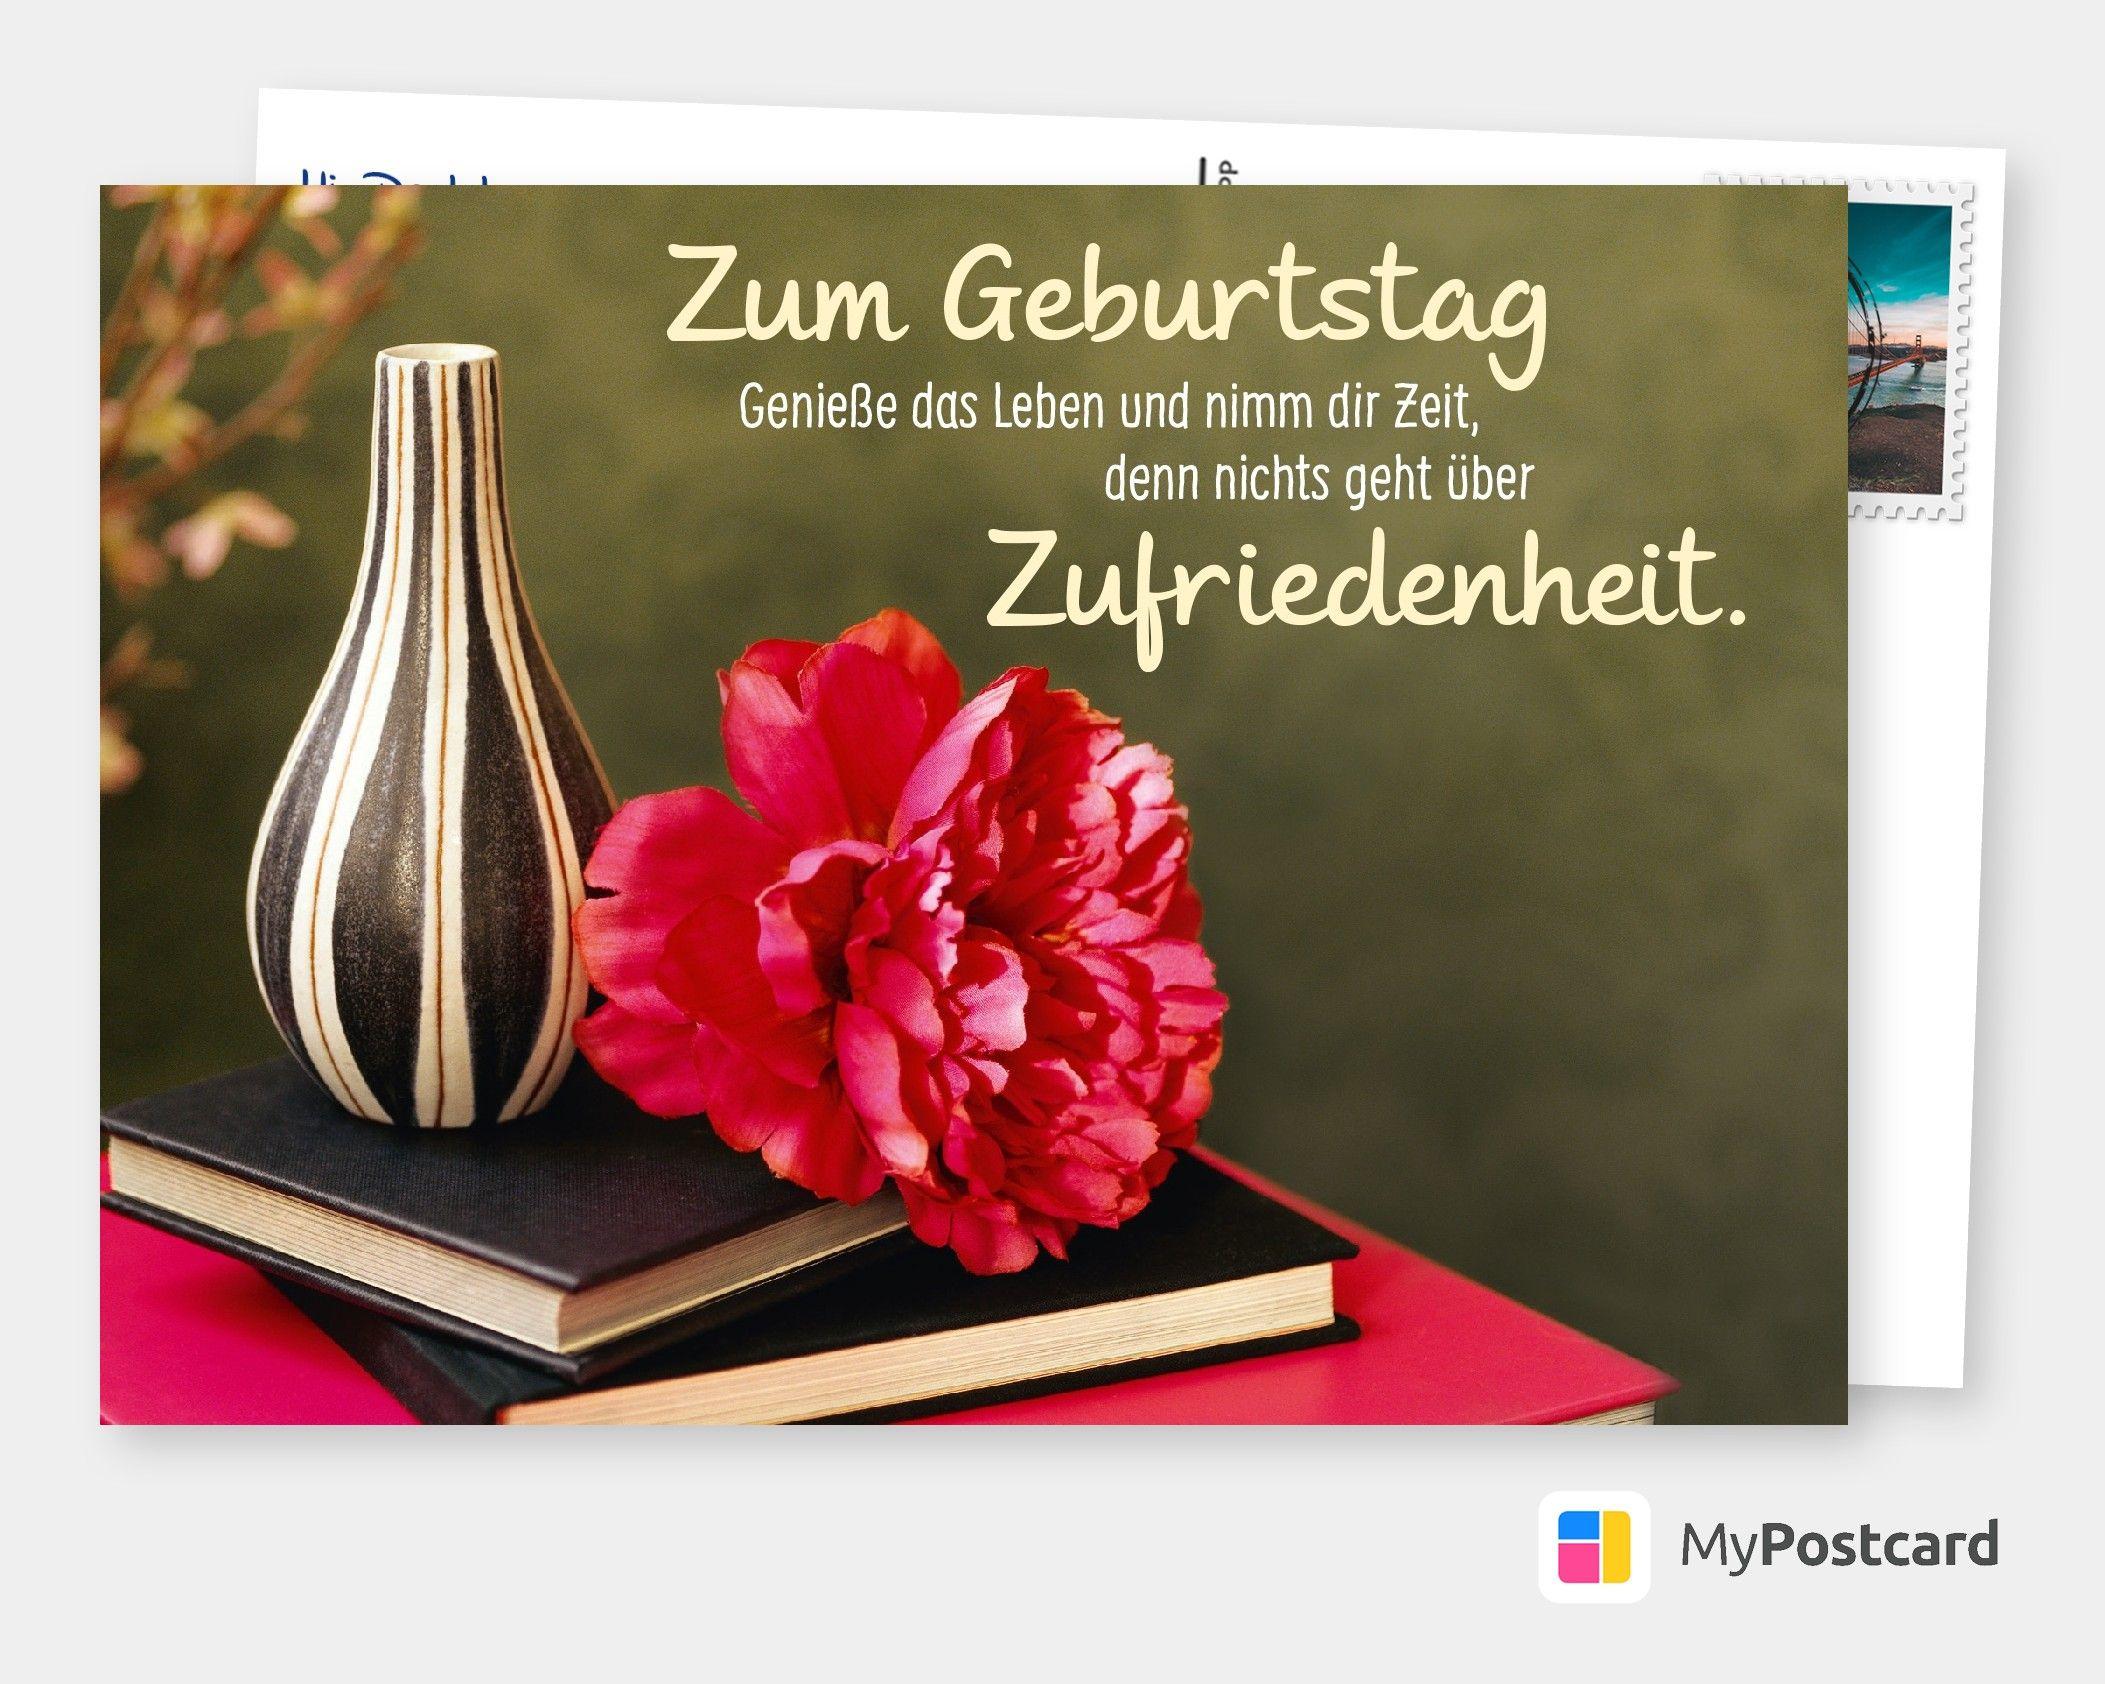 Zum Geburtstag Genieße Das Leben Und Nimm Dir Zeit mit Geburtstagskarte Geburtstag